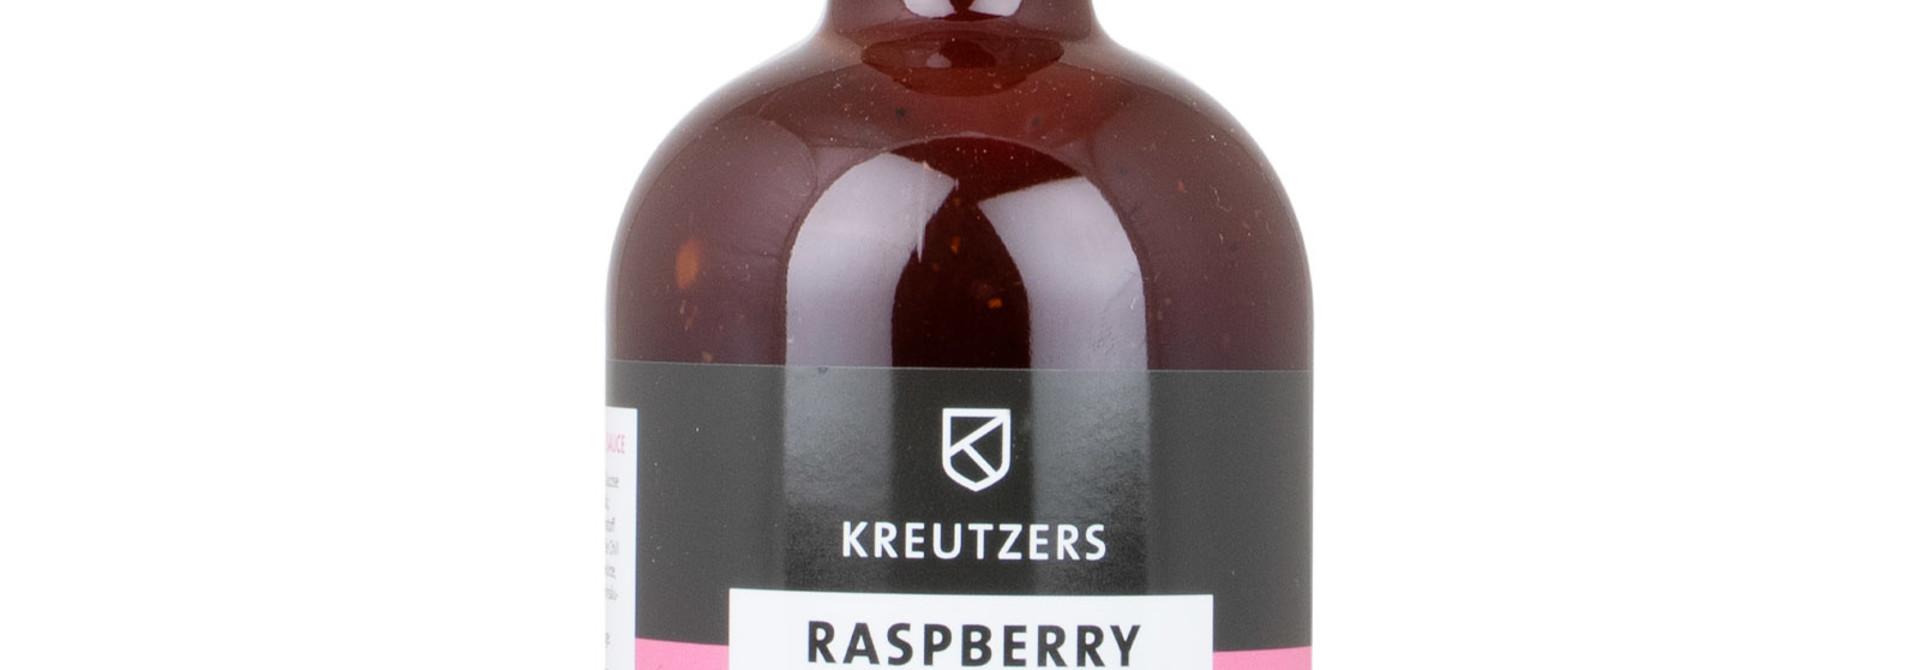 Saus.Guru X Kreutzers - Raspberry & Smoked Chili